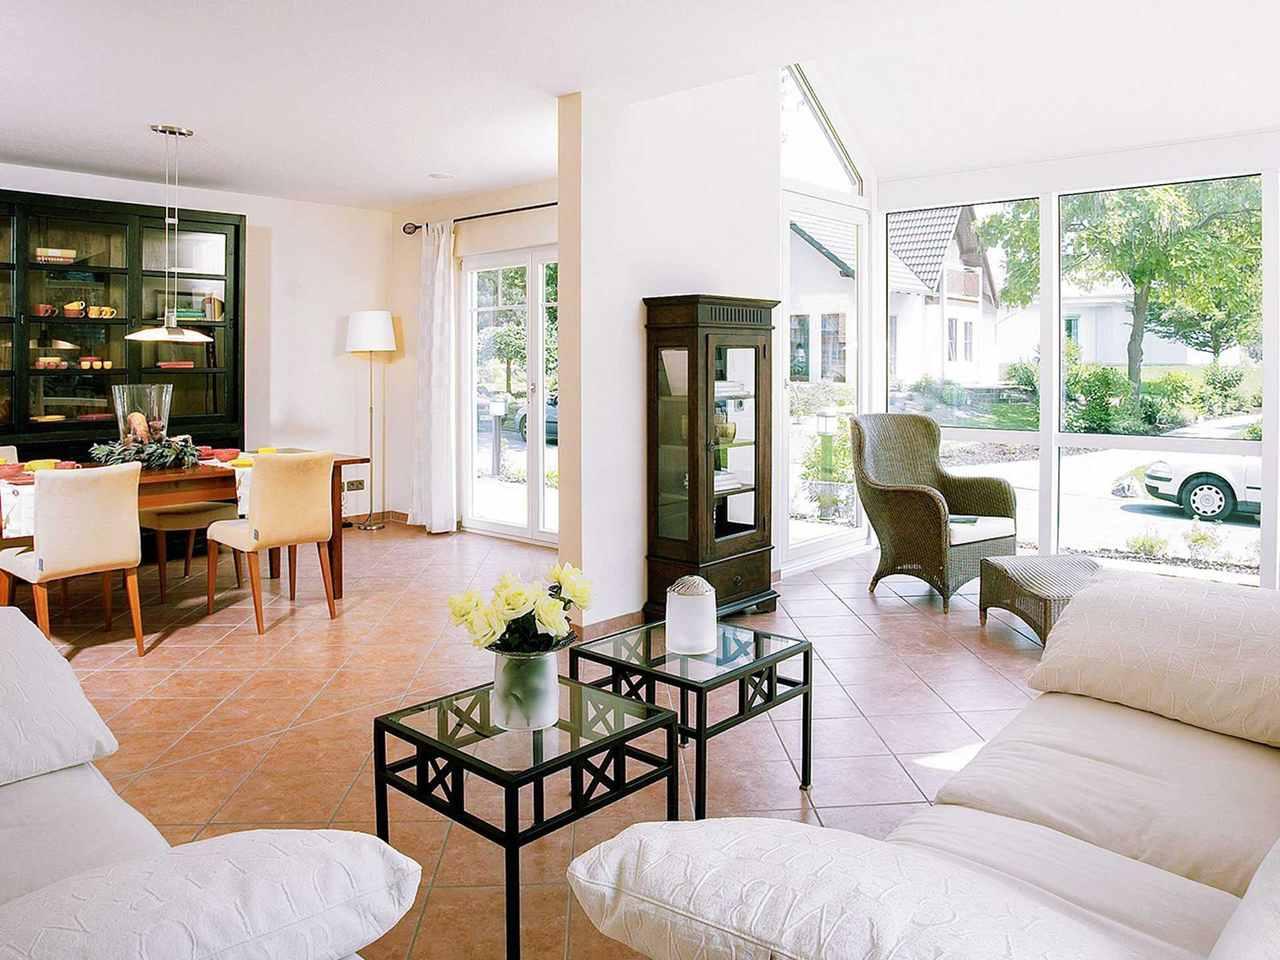 Wohnzimmer - Musterhaus Bad Vilbel Twin Family von OKAL Haus